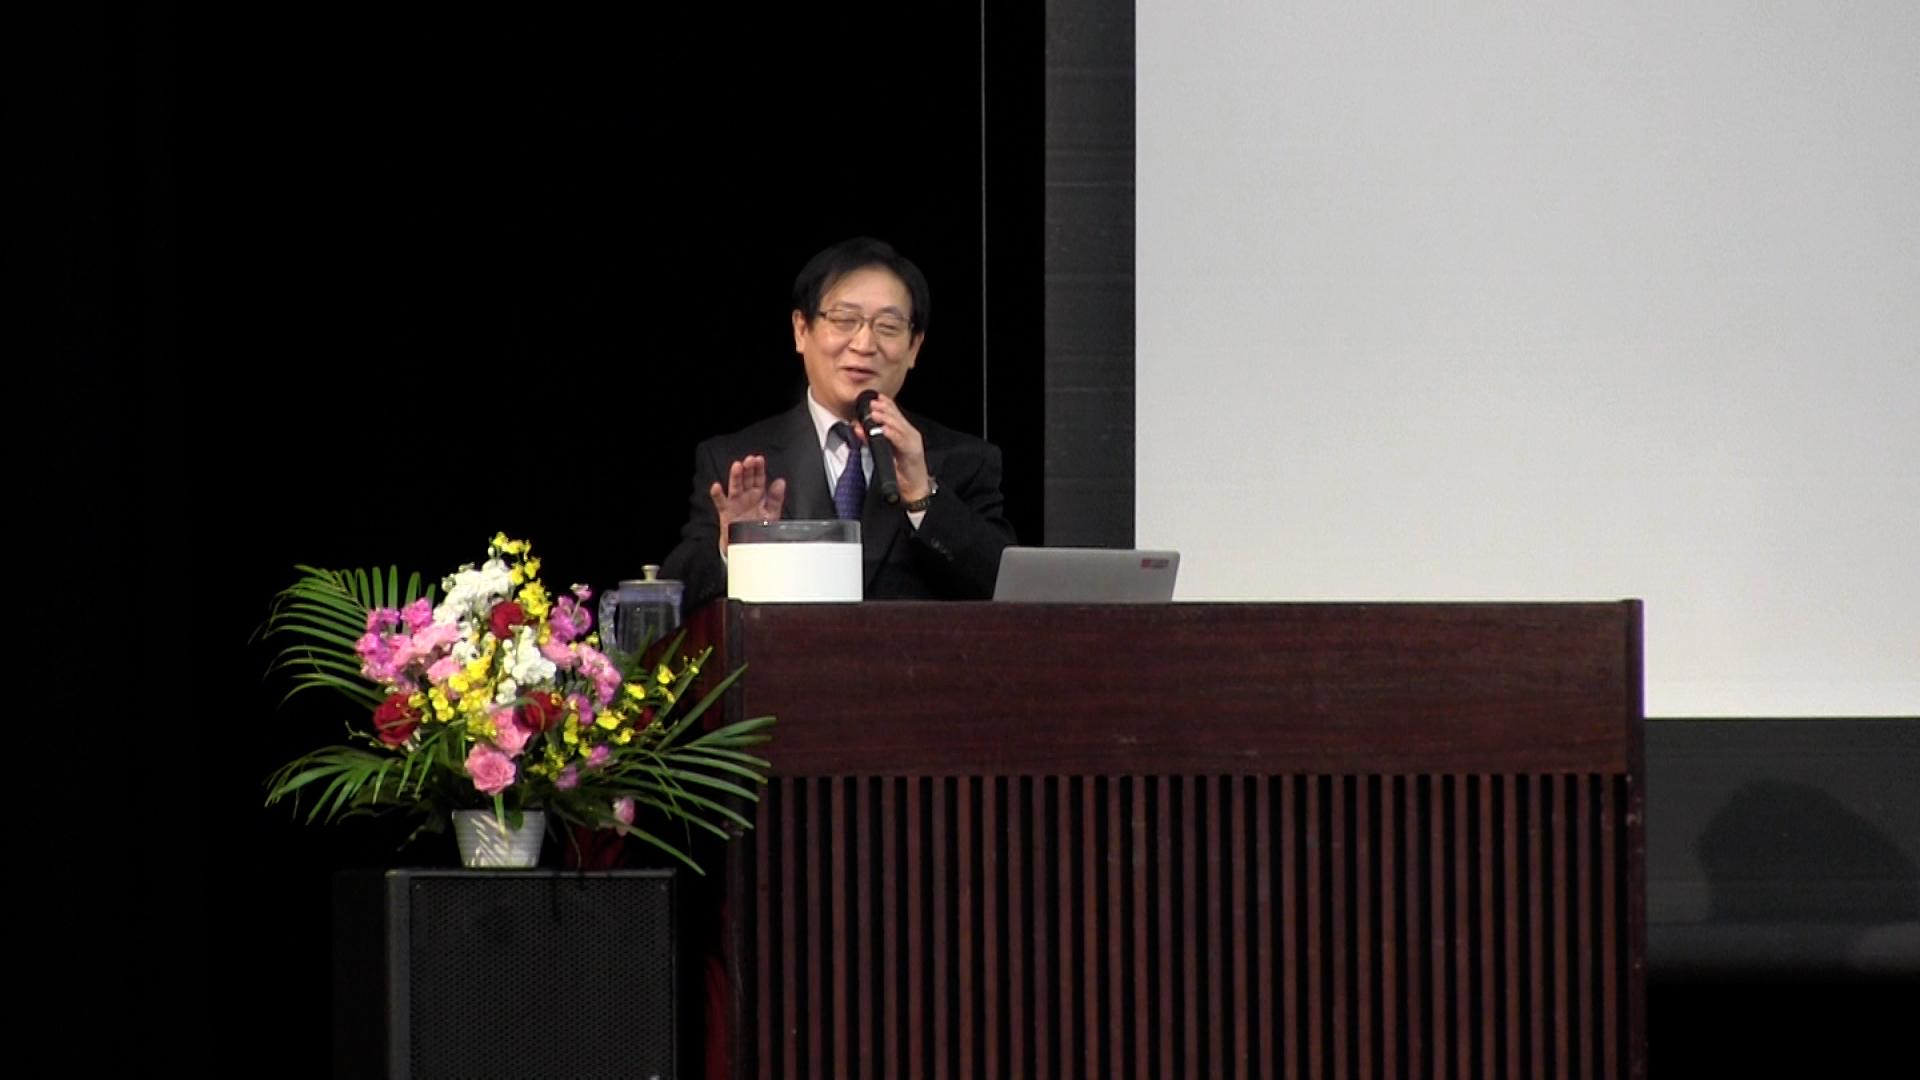 日本医科大学名誉教授 太田成男先生